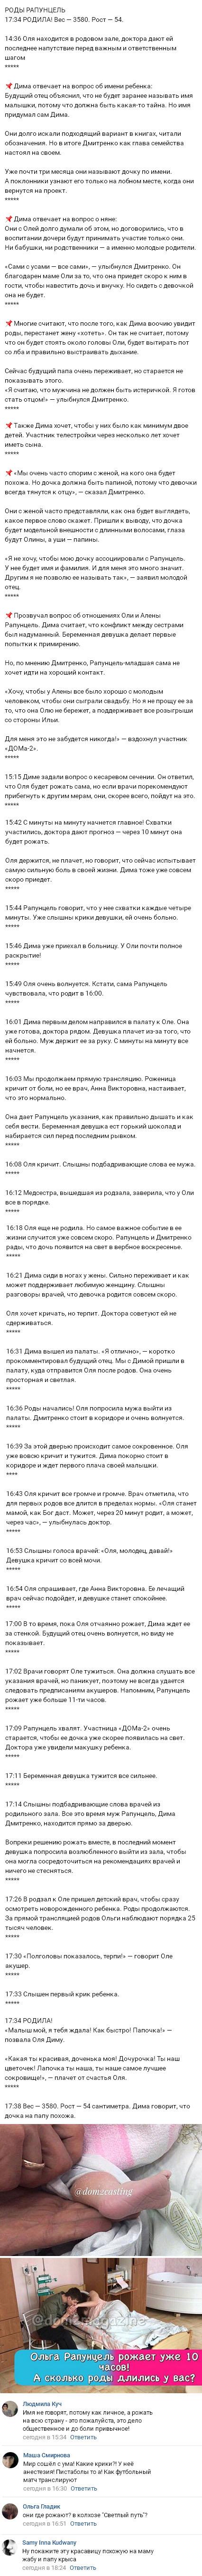 Дмитрий Дмитренко и Ольга Рапунцель стали родителями